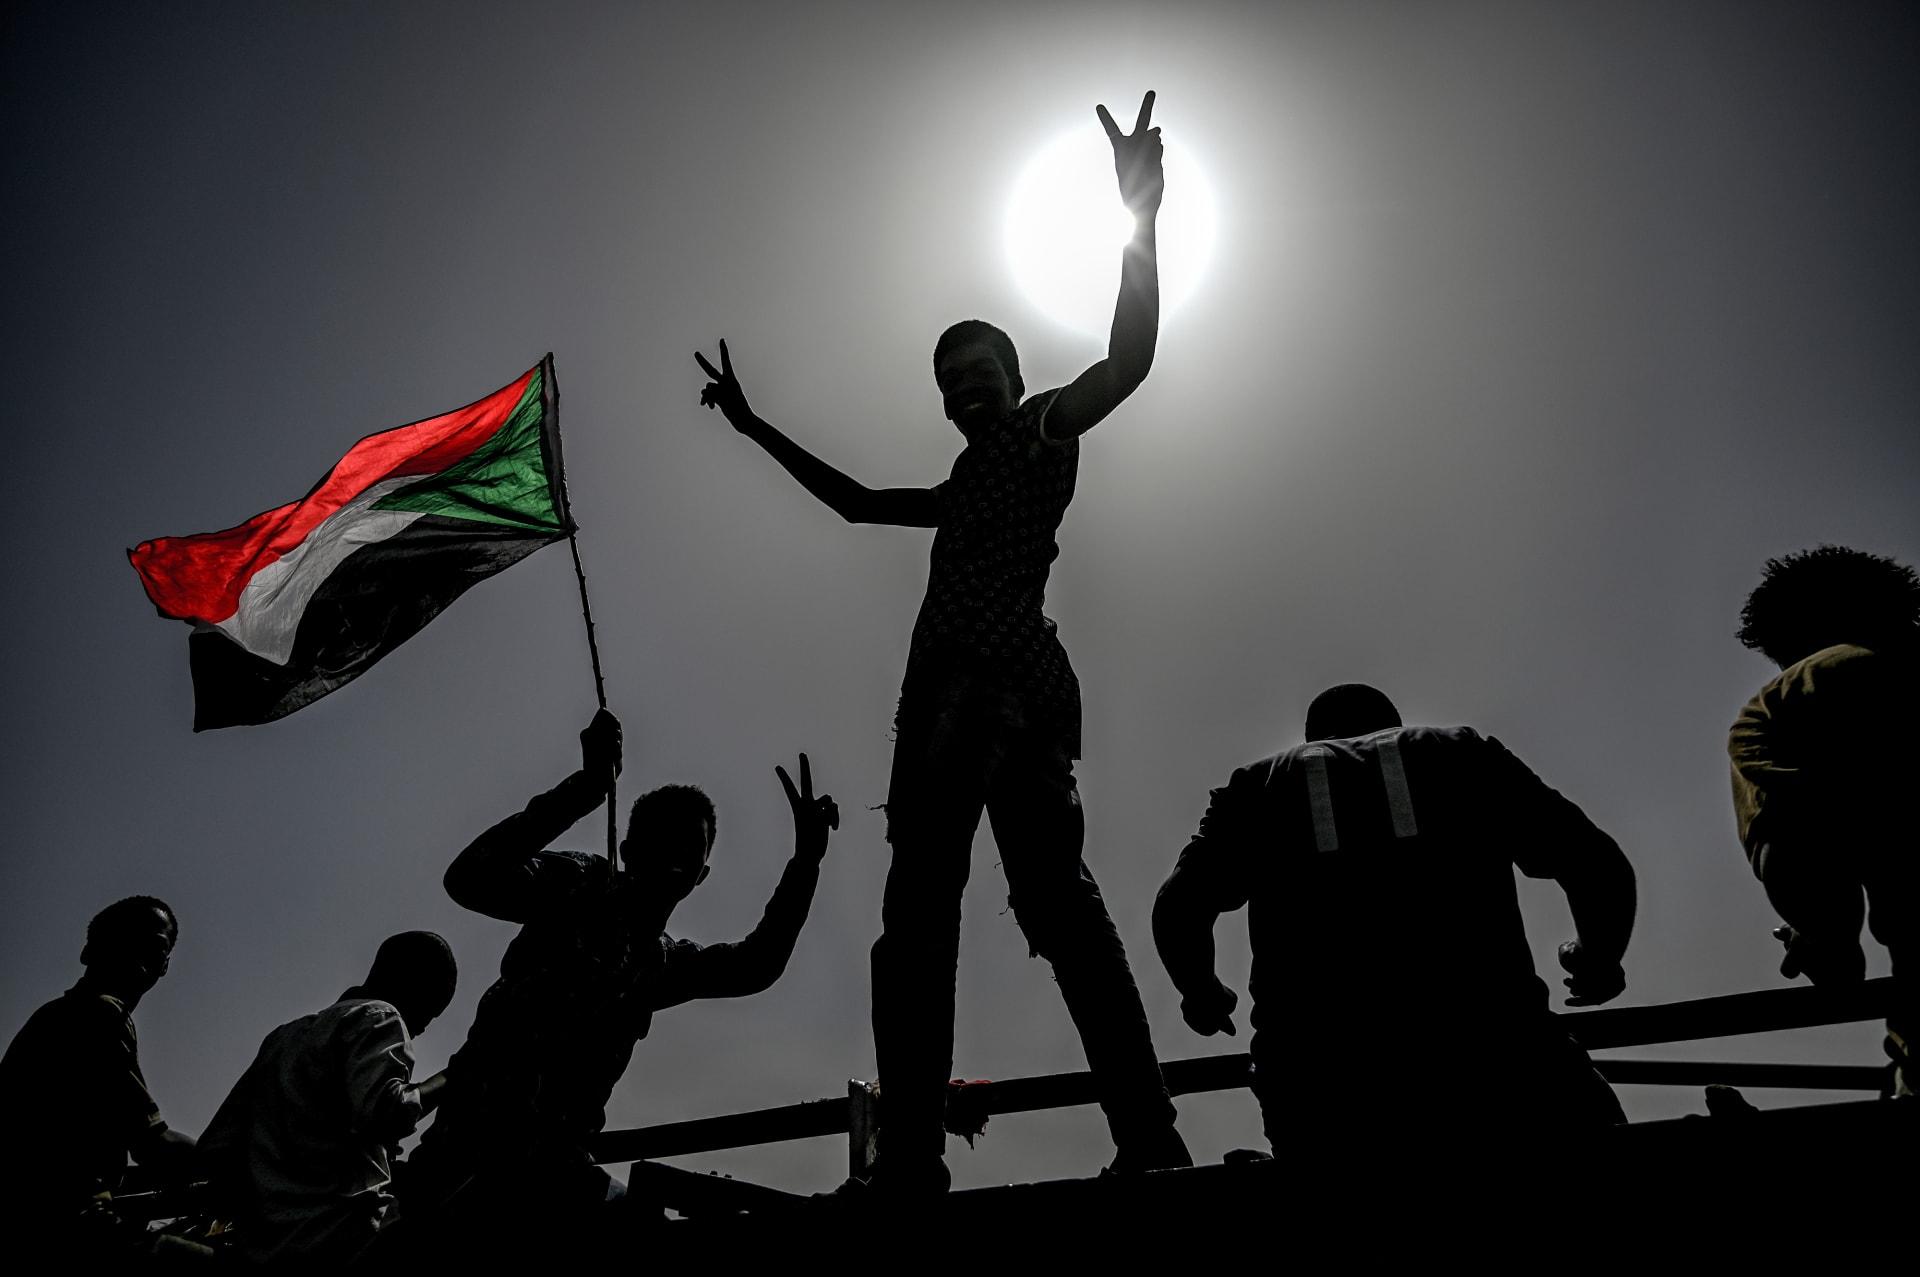 محاولة انقلاب في السودان.. وزير الإعلام يكشف الجهة المسؤولة: أرادوا إعادة عقارب الساعة للوراء